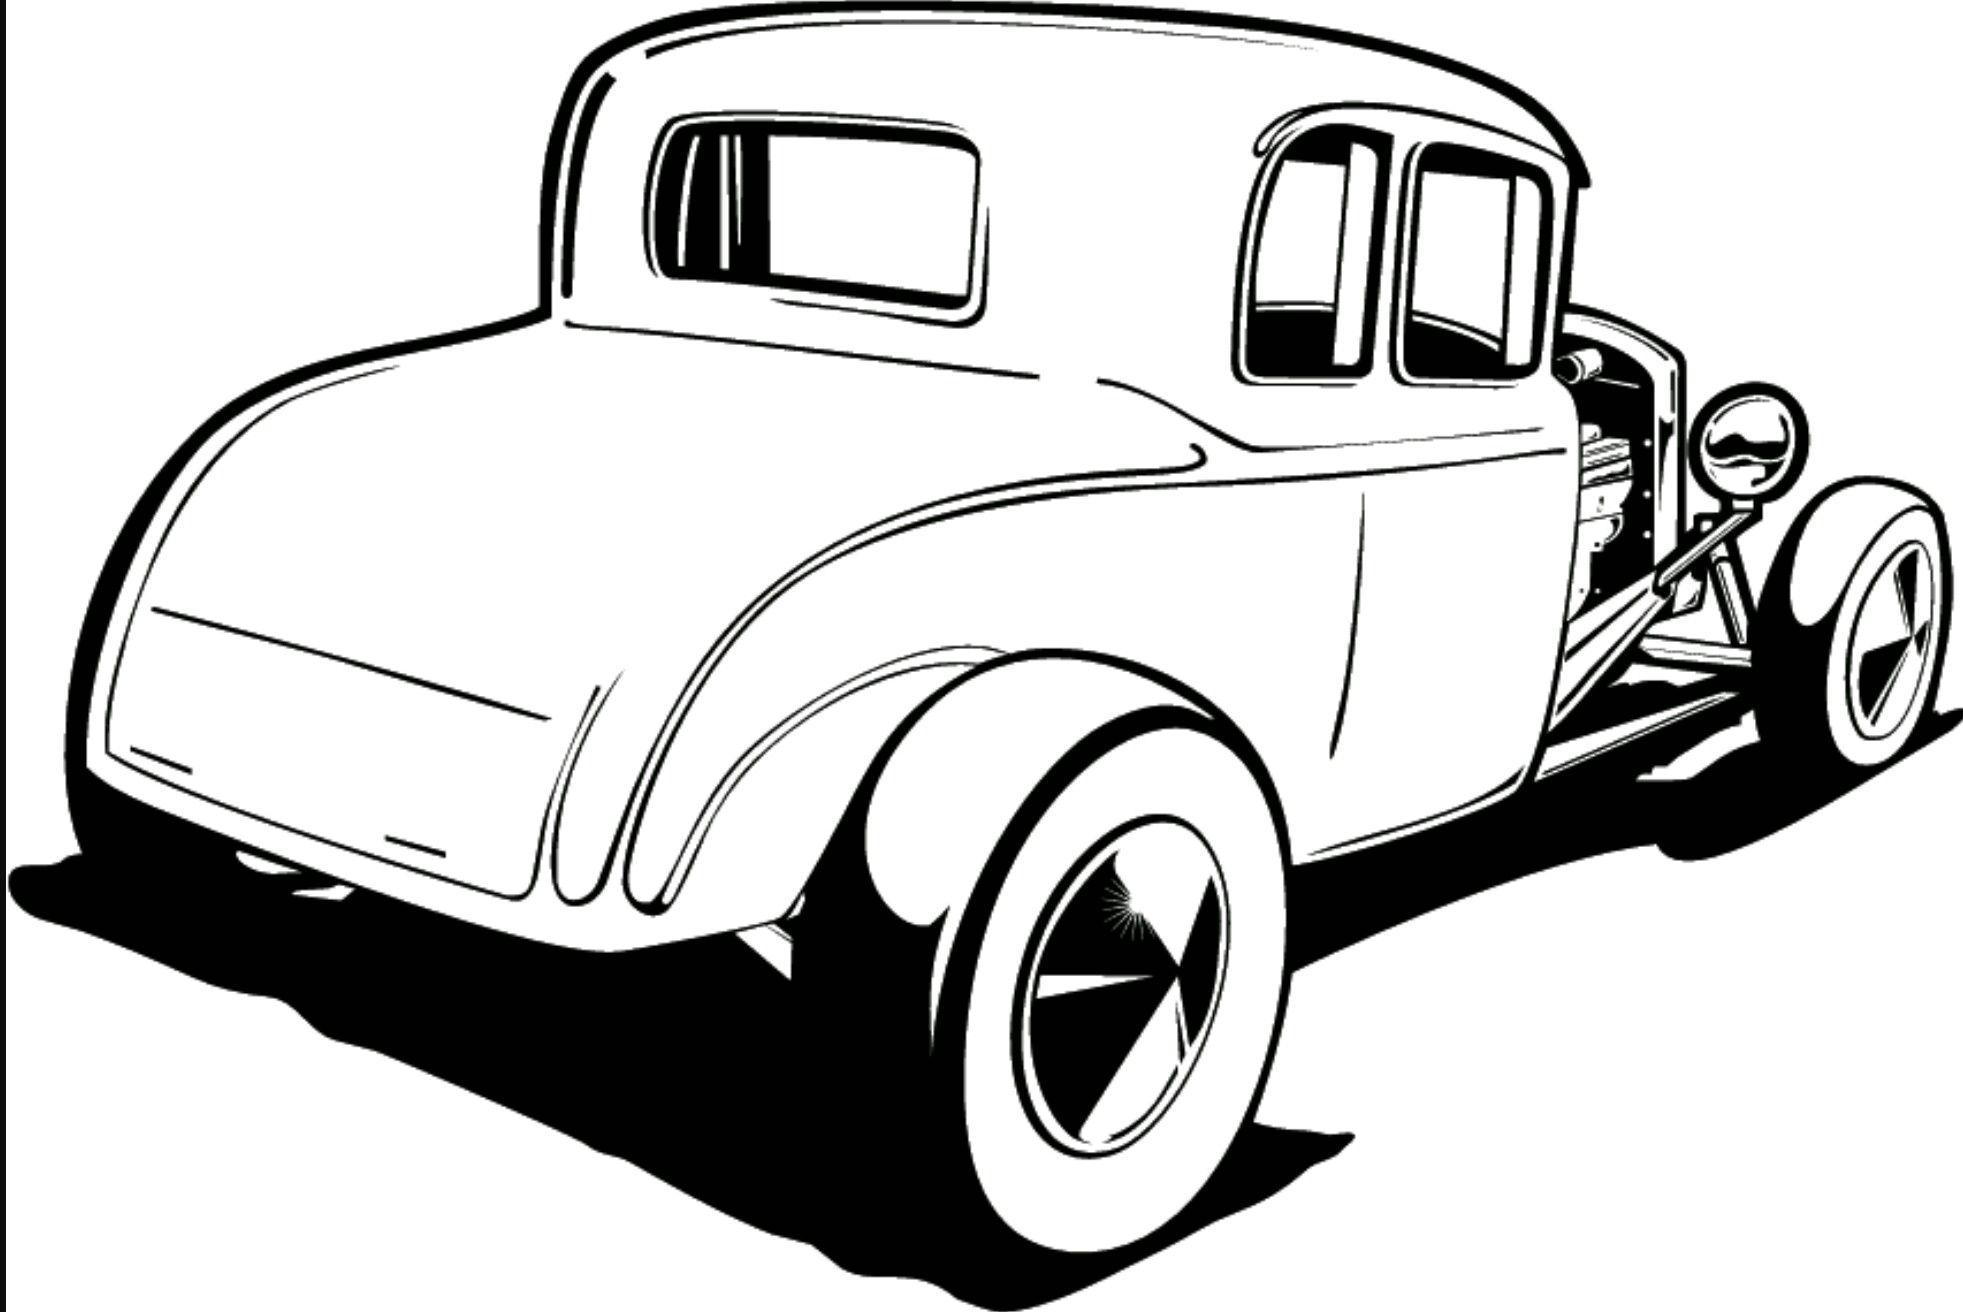 Pin von Guy Crennan auf CARS | Pinterest